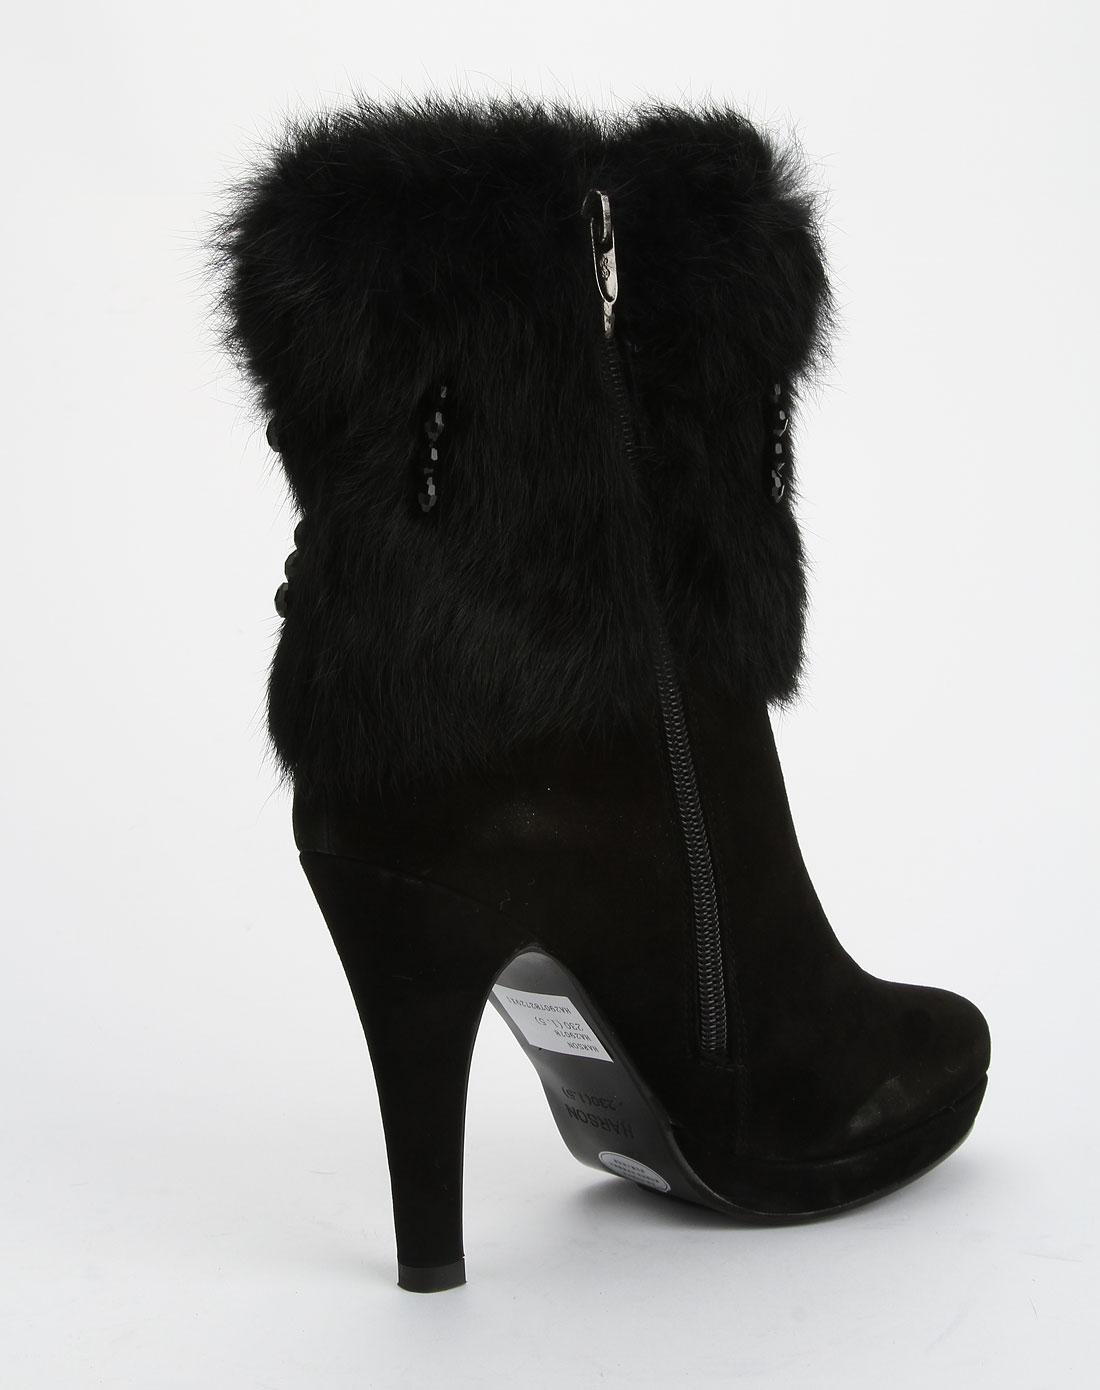 哈森harson女鞋专场-女款黑色时尚超高跟短靴图片